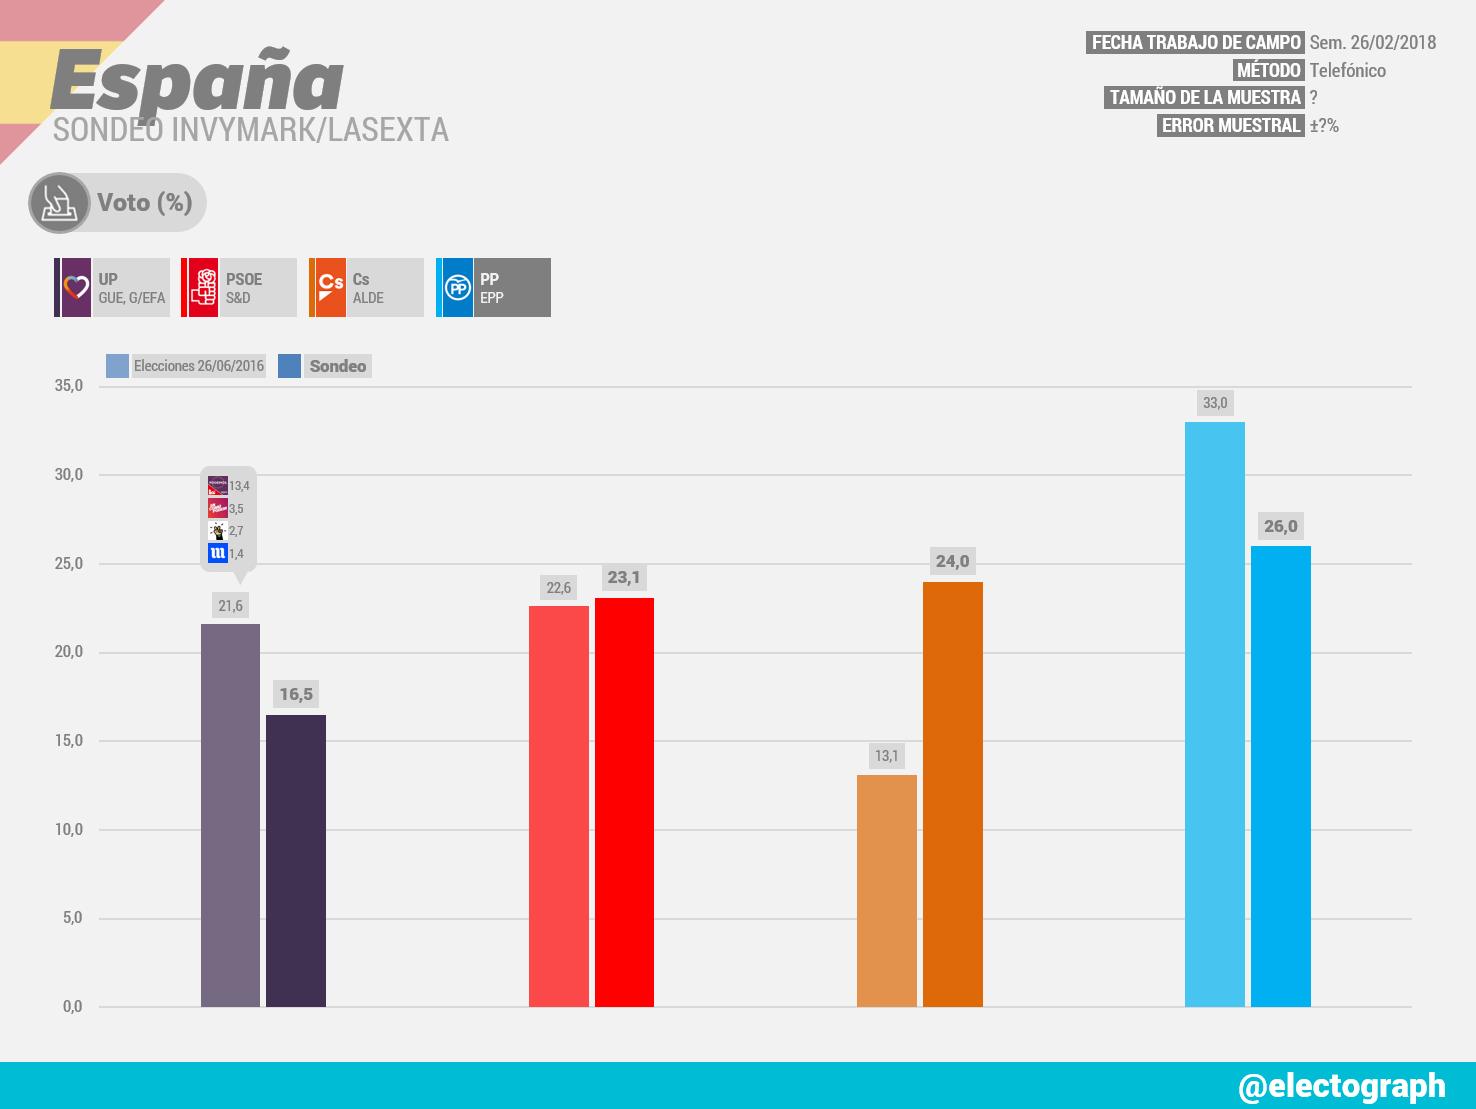 Gráfico de la encuesta para elecciones generales en España realizada por Invymark para LaSexta en febrero de 2018